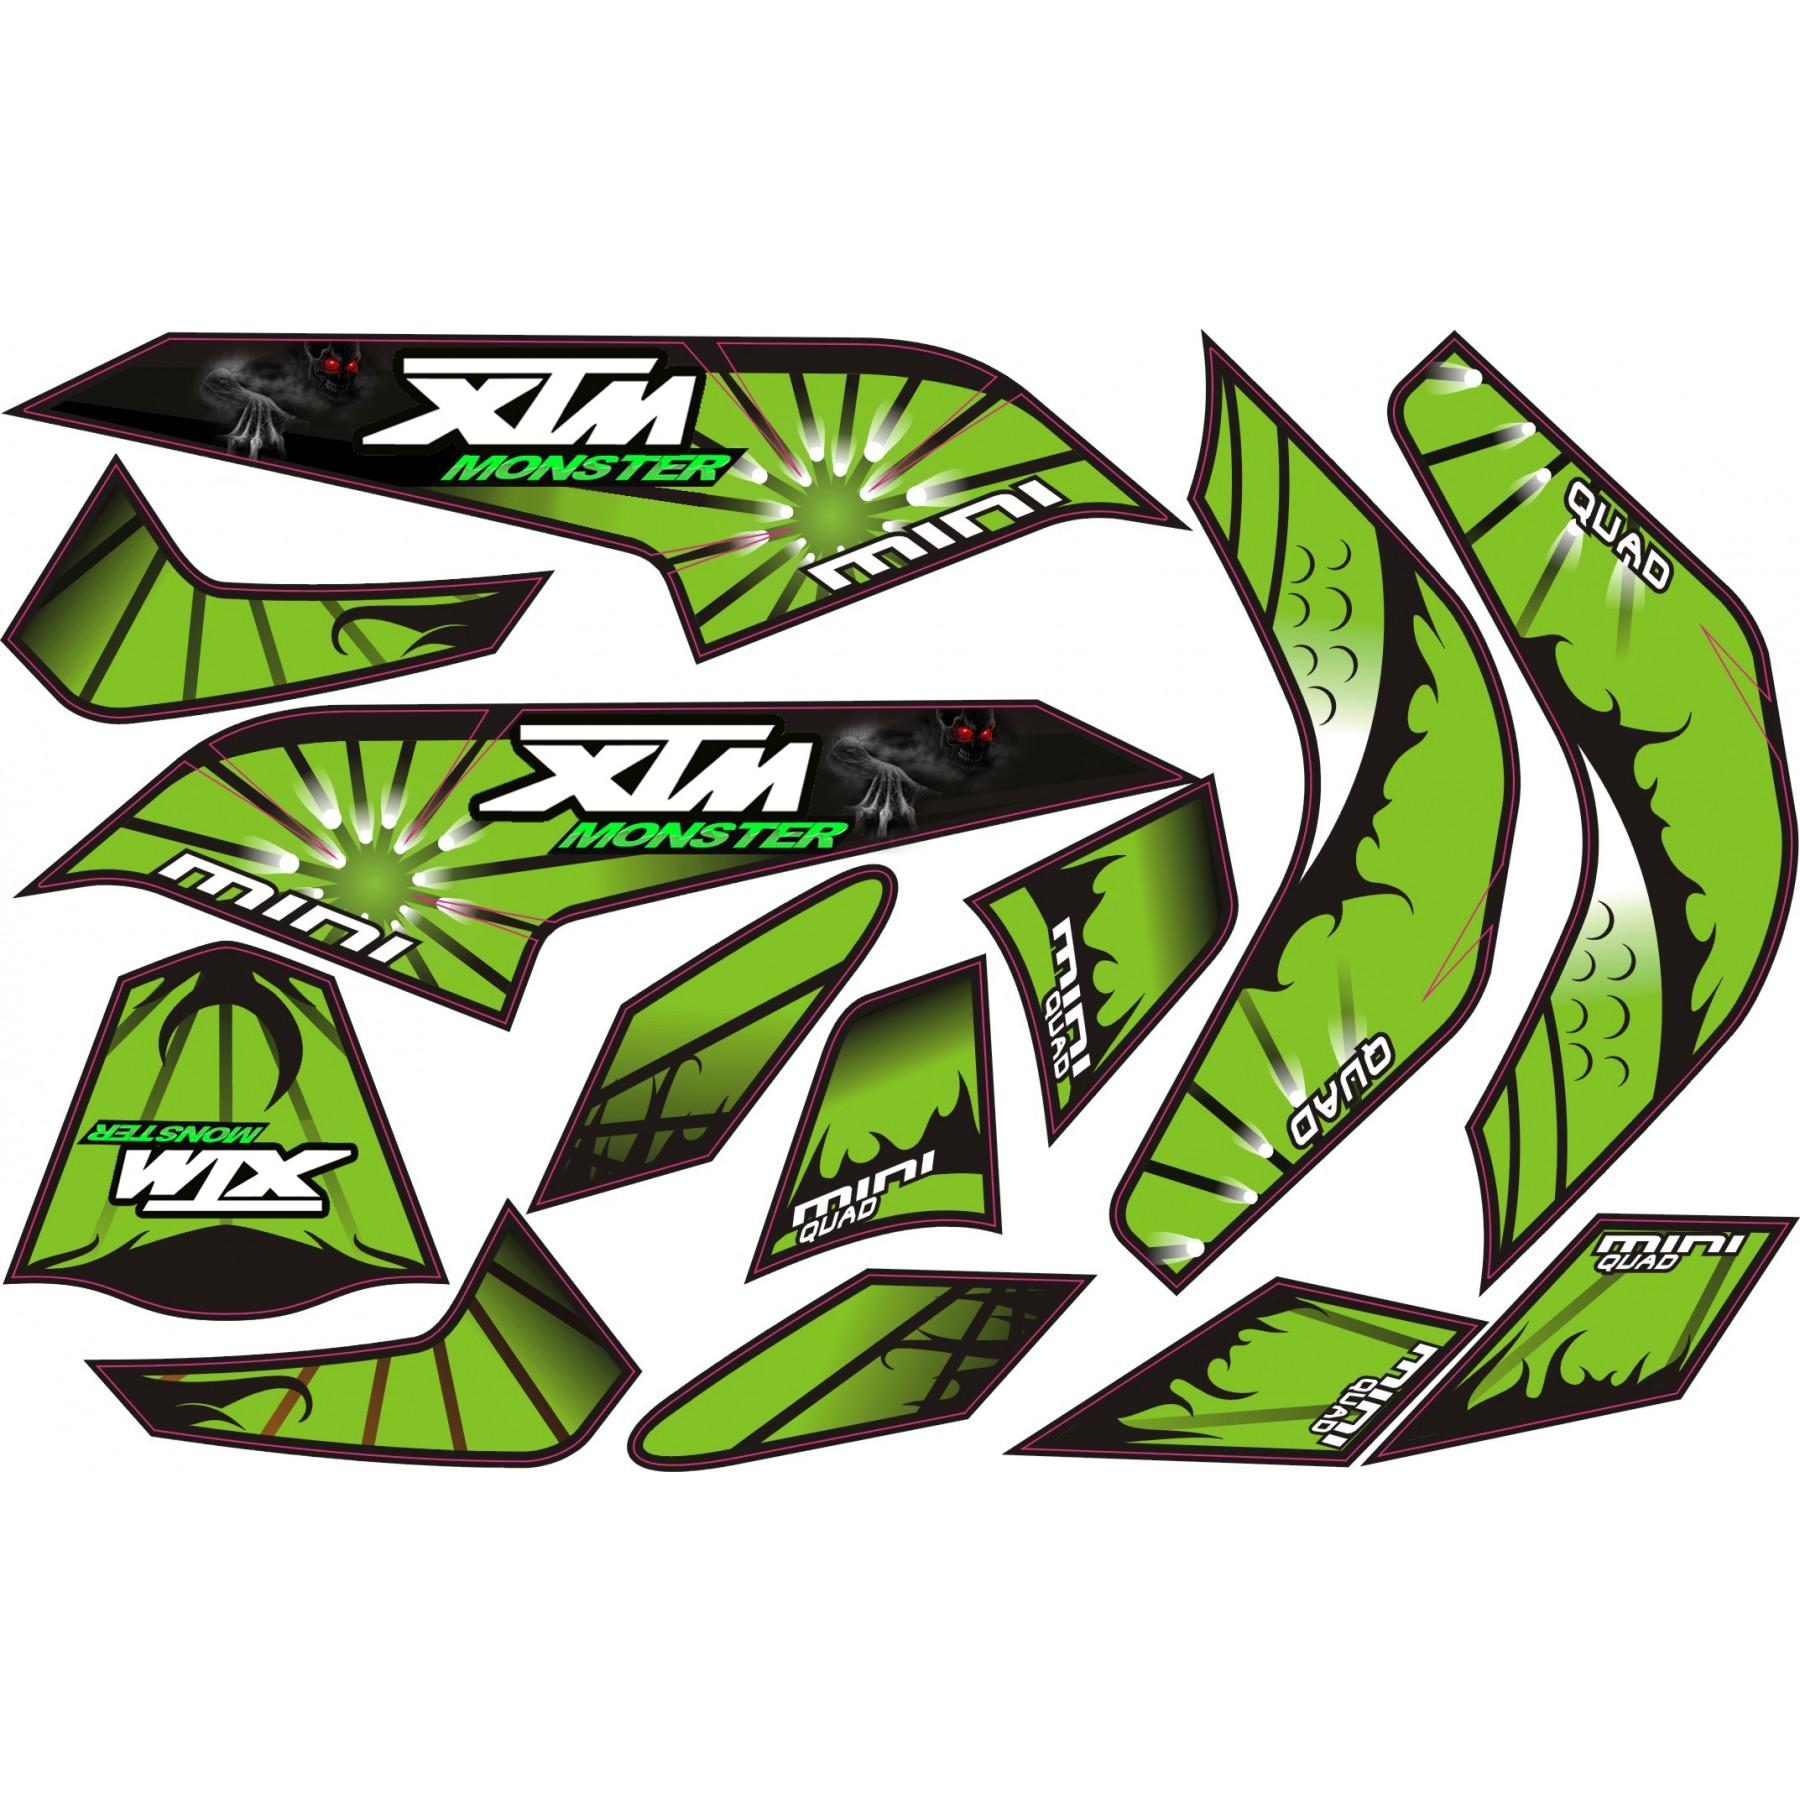 MINI QUAD BIKE XTM MONSTER STICKER KIT / DECALS / TRANSFERS IN GREEN